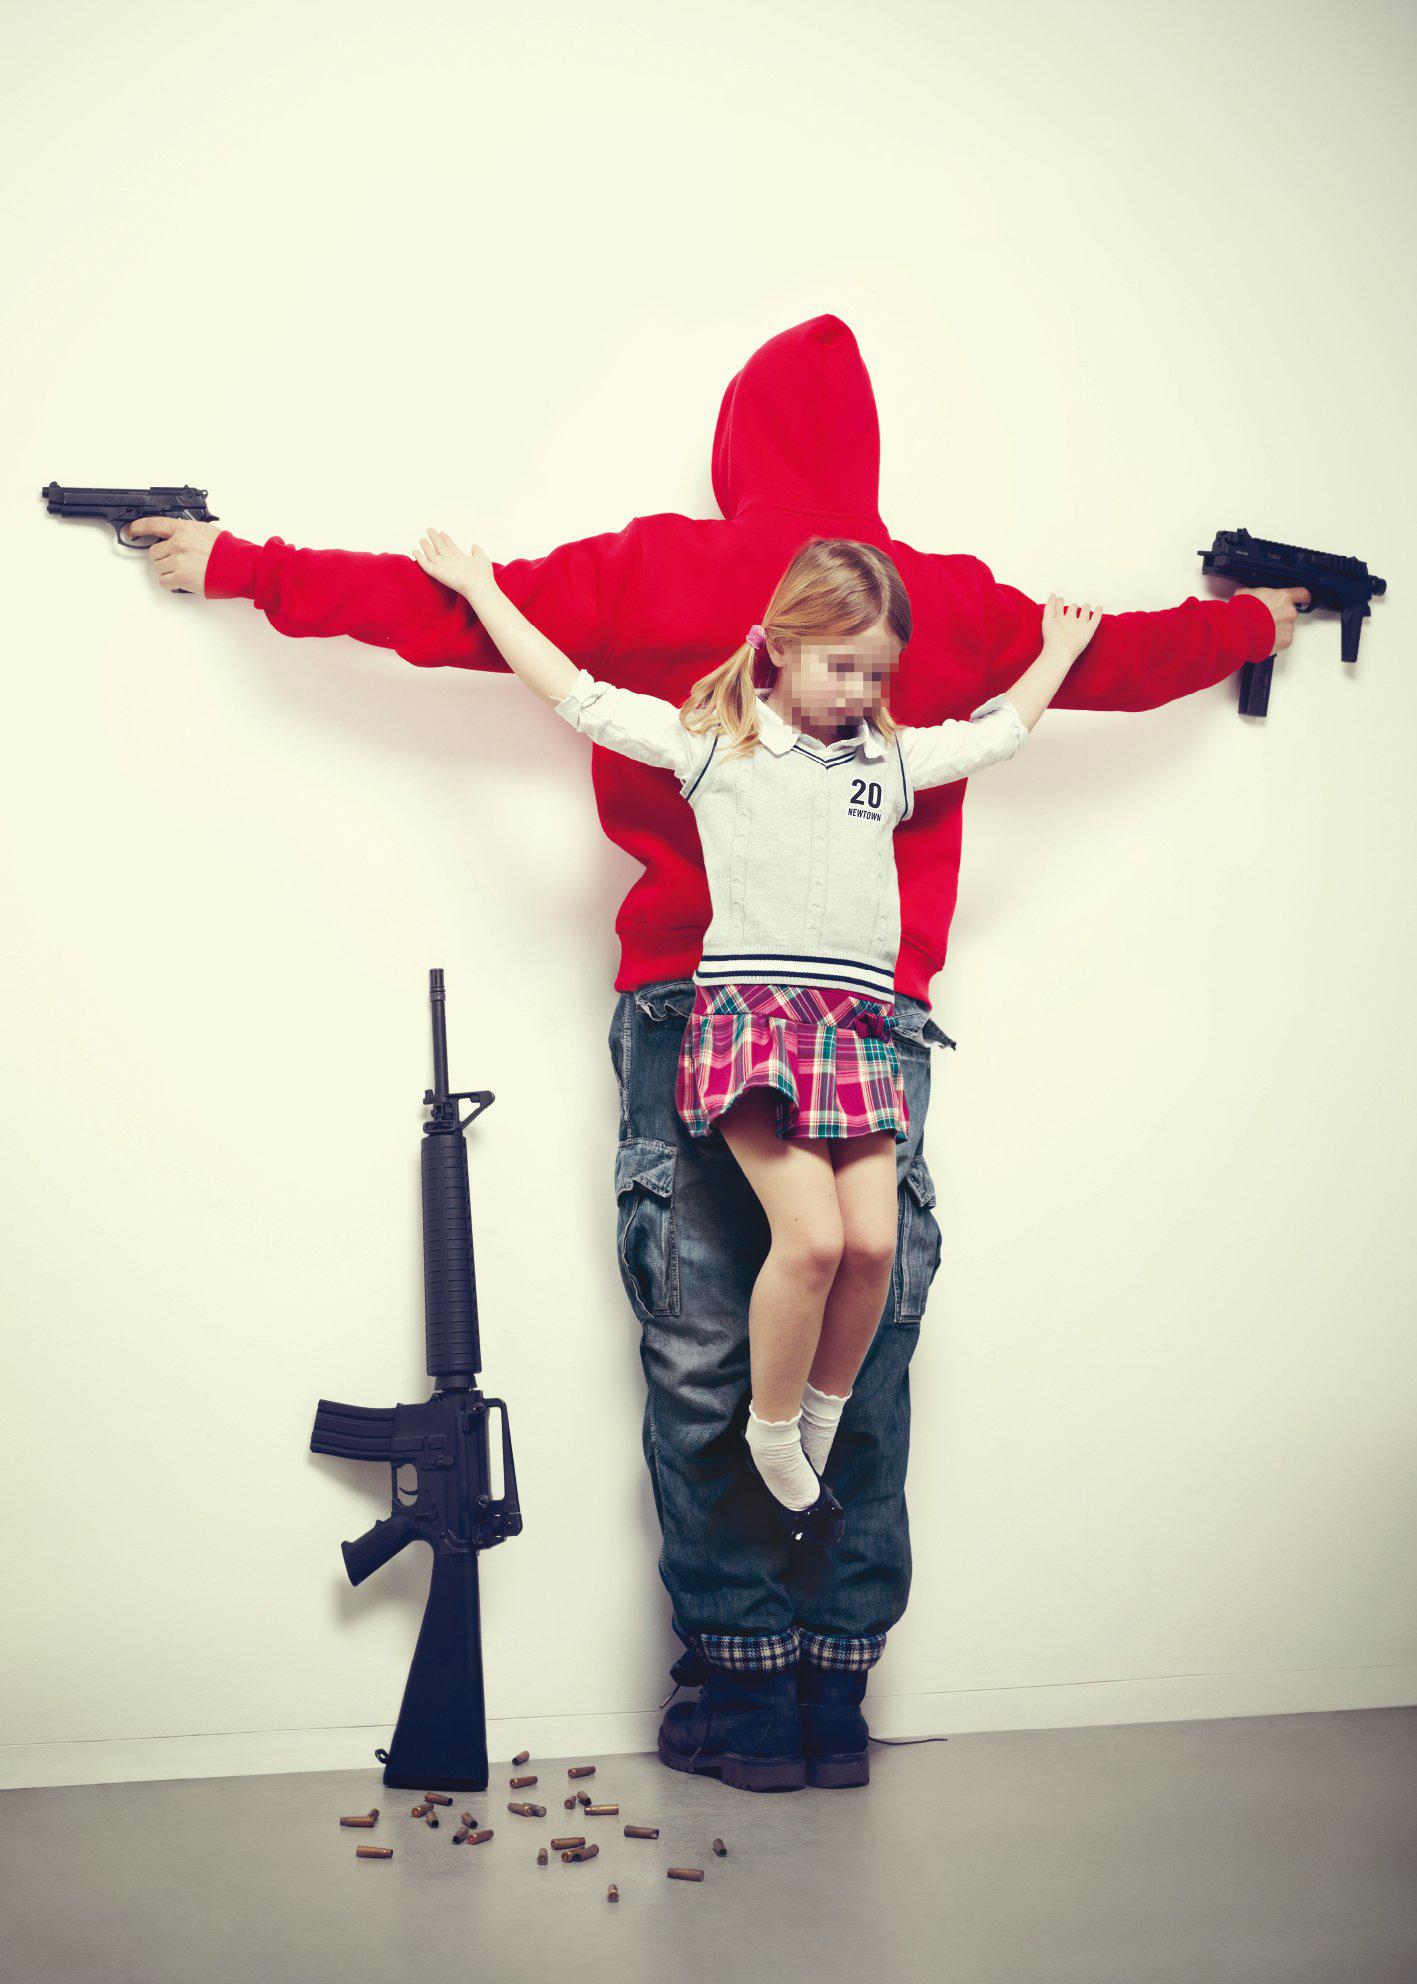 Erik Ravelo - Los Intocables - I bambini crocifissi per denunciare la pedofilia e la civiltà consumistica | Collater.al